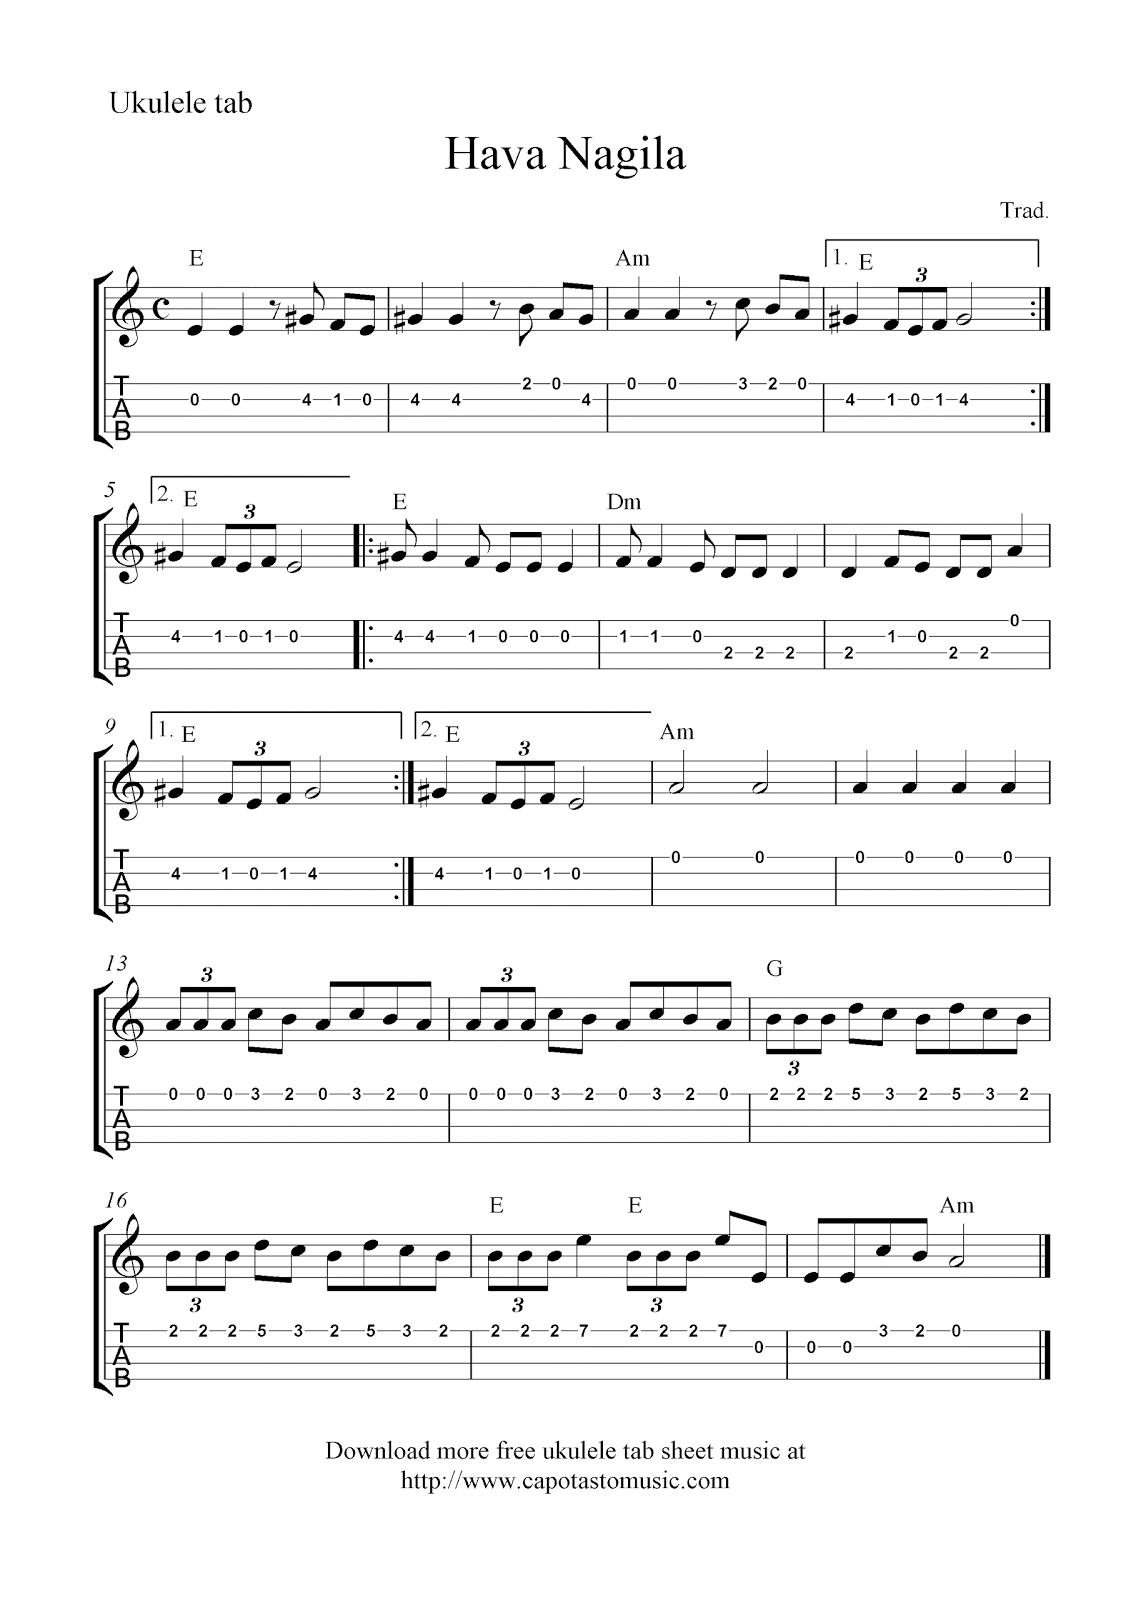 Free ukulele tab sheet music, Hava Nagila